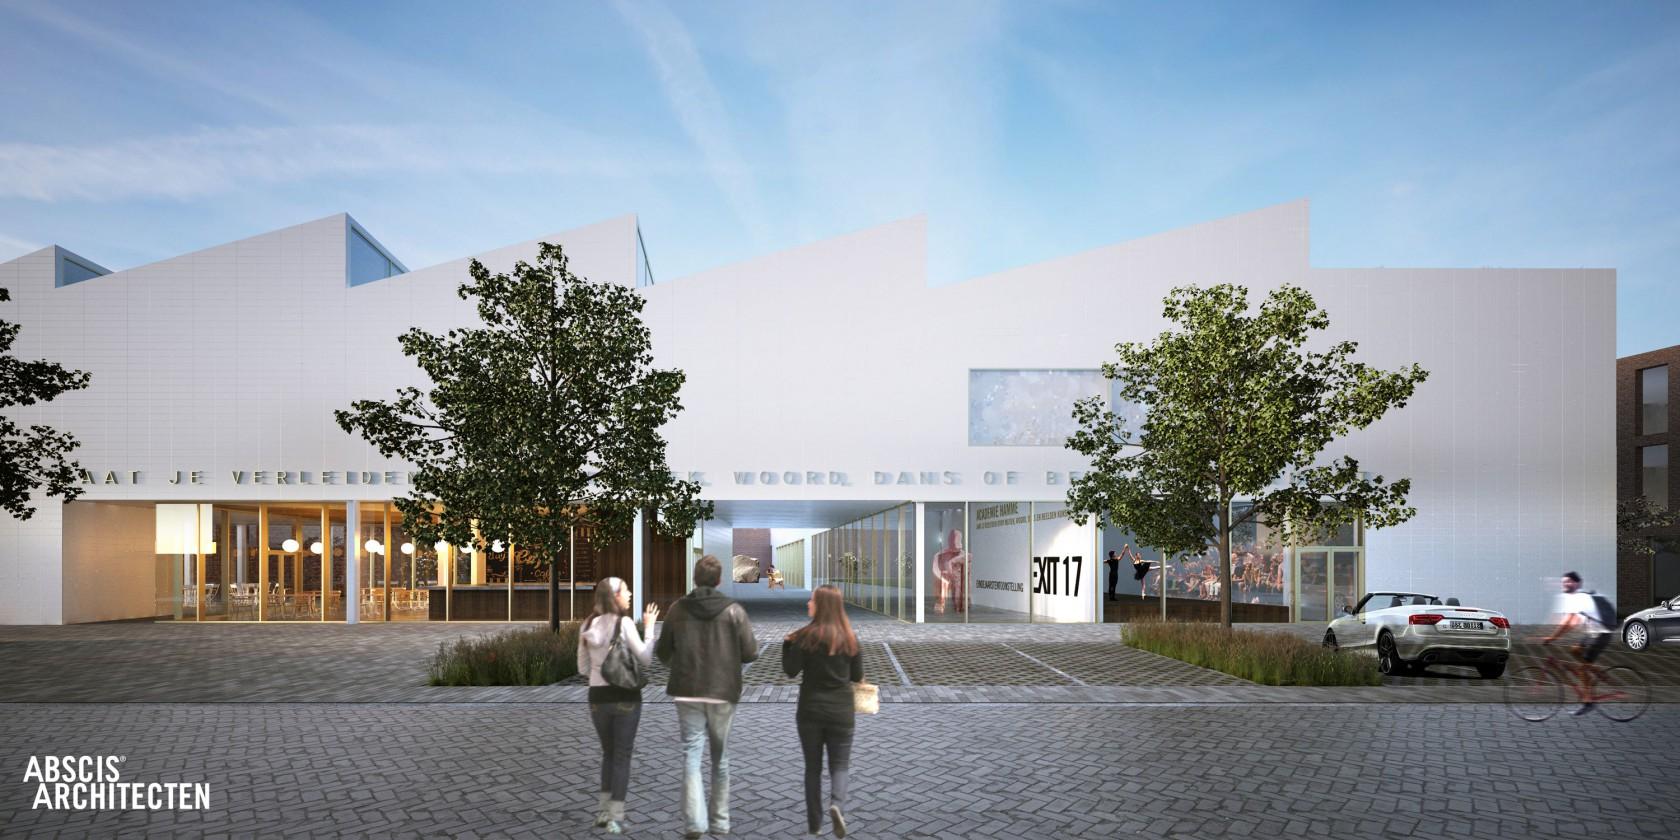 Abscis Architecten - Zo moet de vernieuwde academie eruit zien. De binnenkoer en het marktplein lopen over in elkaar.